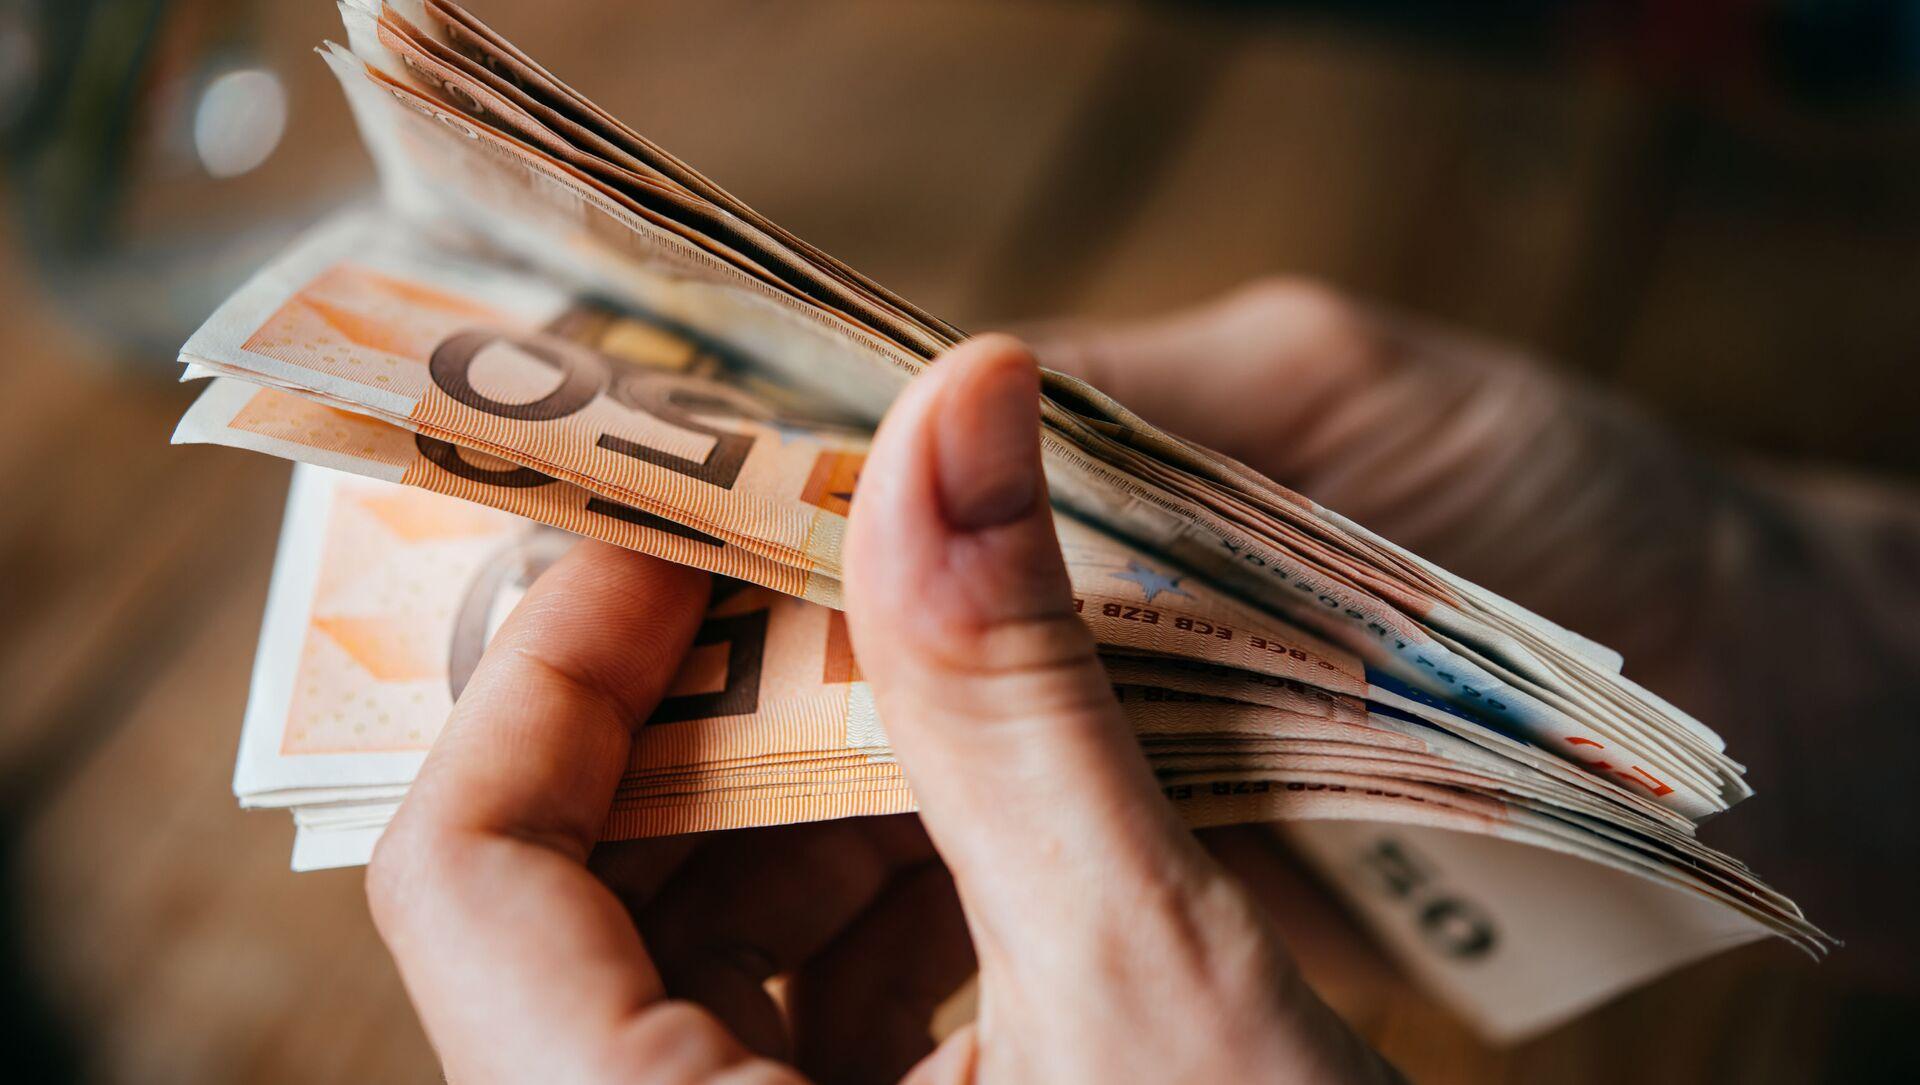 Euro bankovky v ruce - Sputnik Česká republika, 1920, 03.03.2021